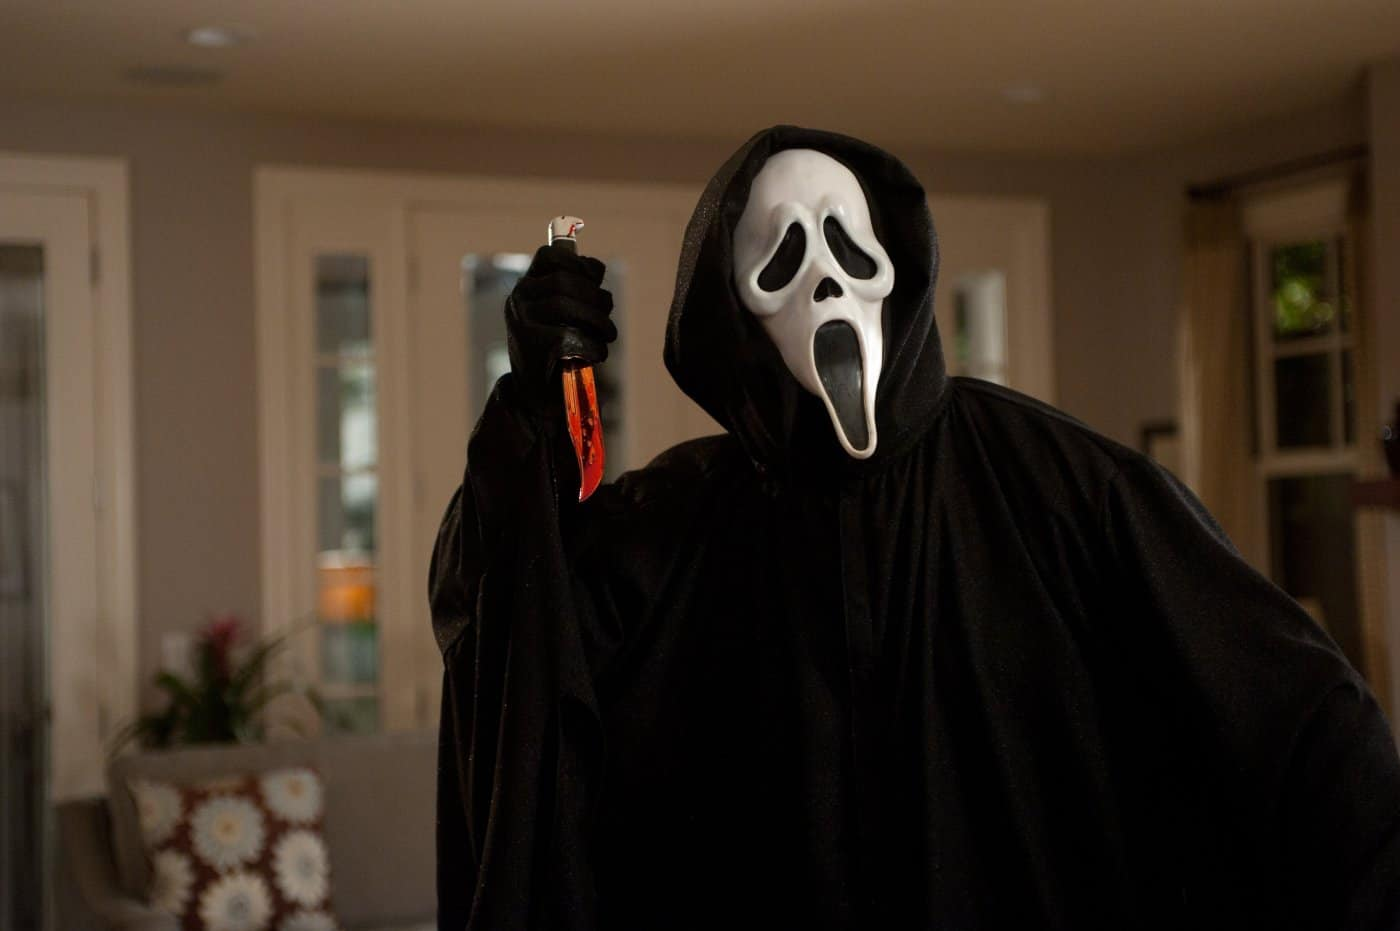 Dix huit ans après la sortie du film d'horreur Scream au cinéma, on apprend que la franchise va vivre une seconde jeunesse. En effet, MTV concocte une série dérivée du célèbre slasher, et vient même de lâcher quelques informations sur le synopsis officiel et les personnages principaux. Lycée, ados et série de meurtres… bienvenue à […]